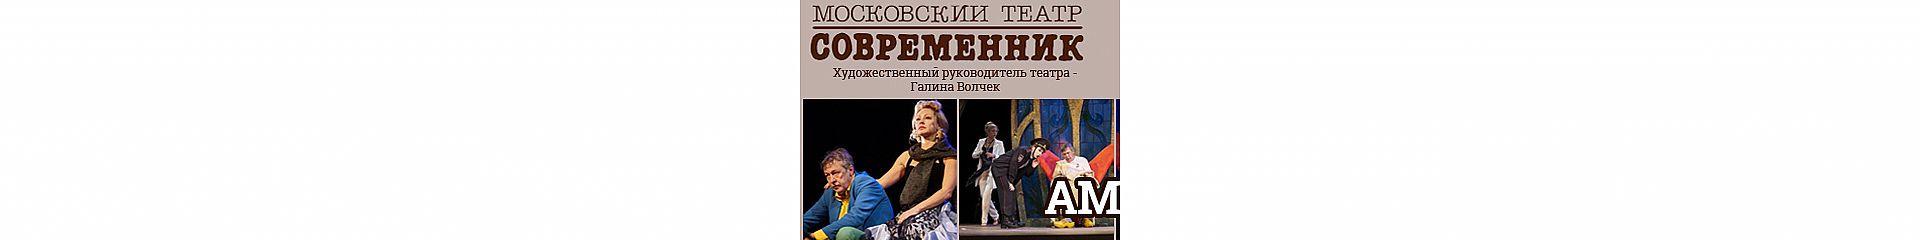 תיאטרון סוברמניק, מוסקבה